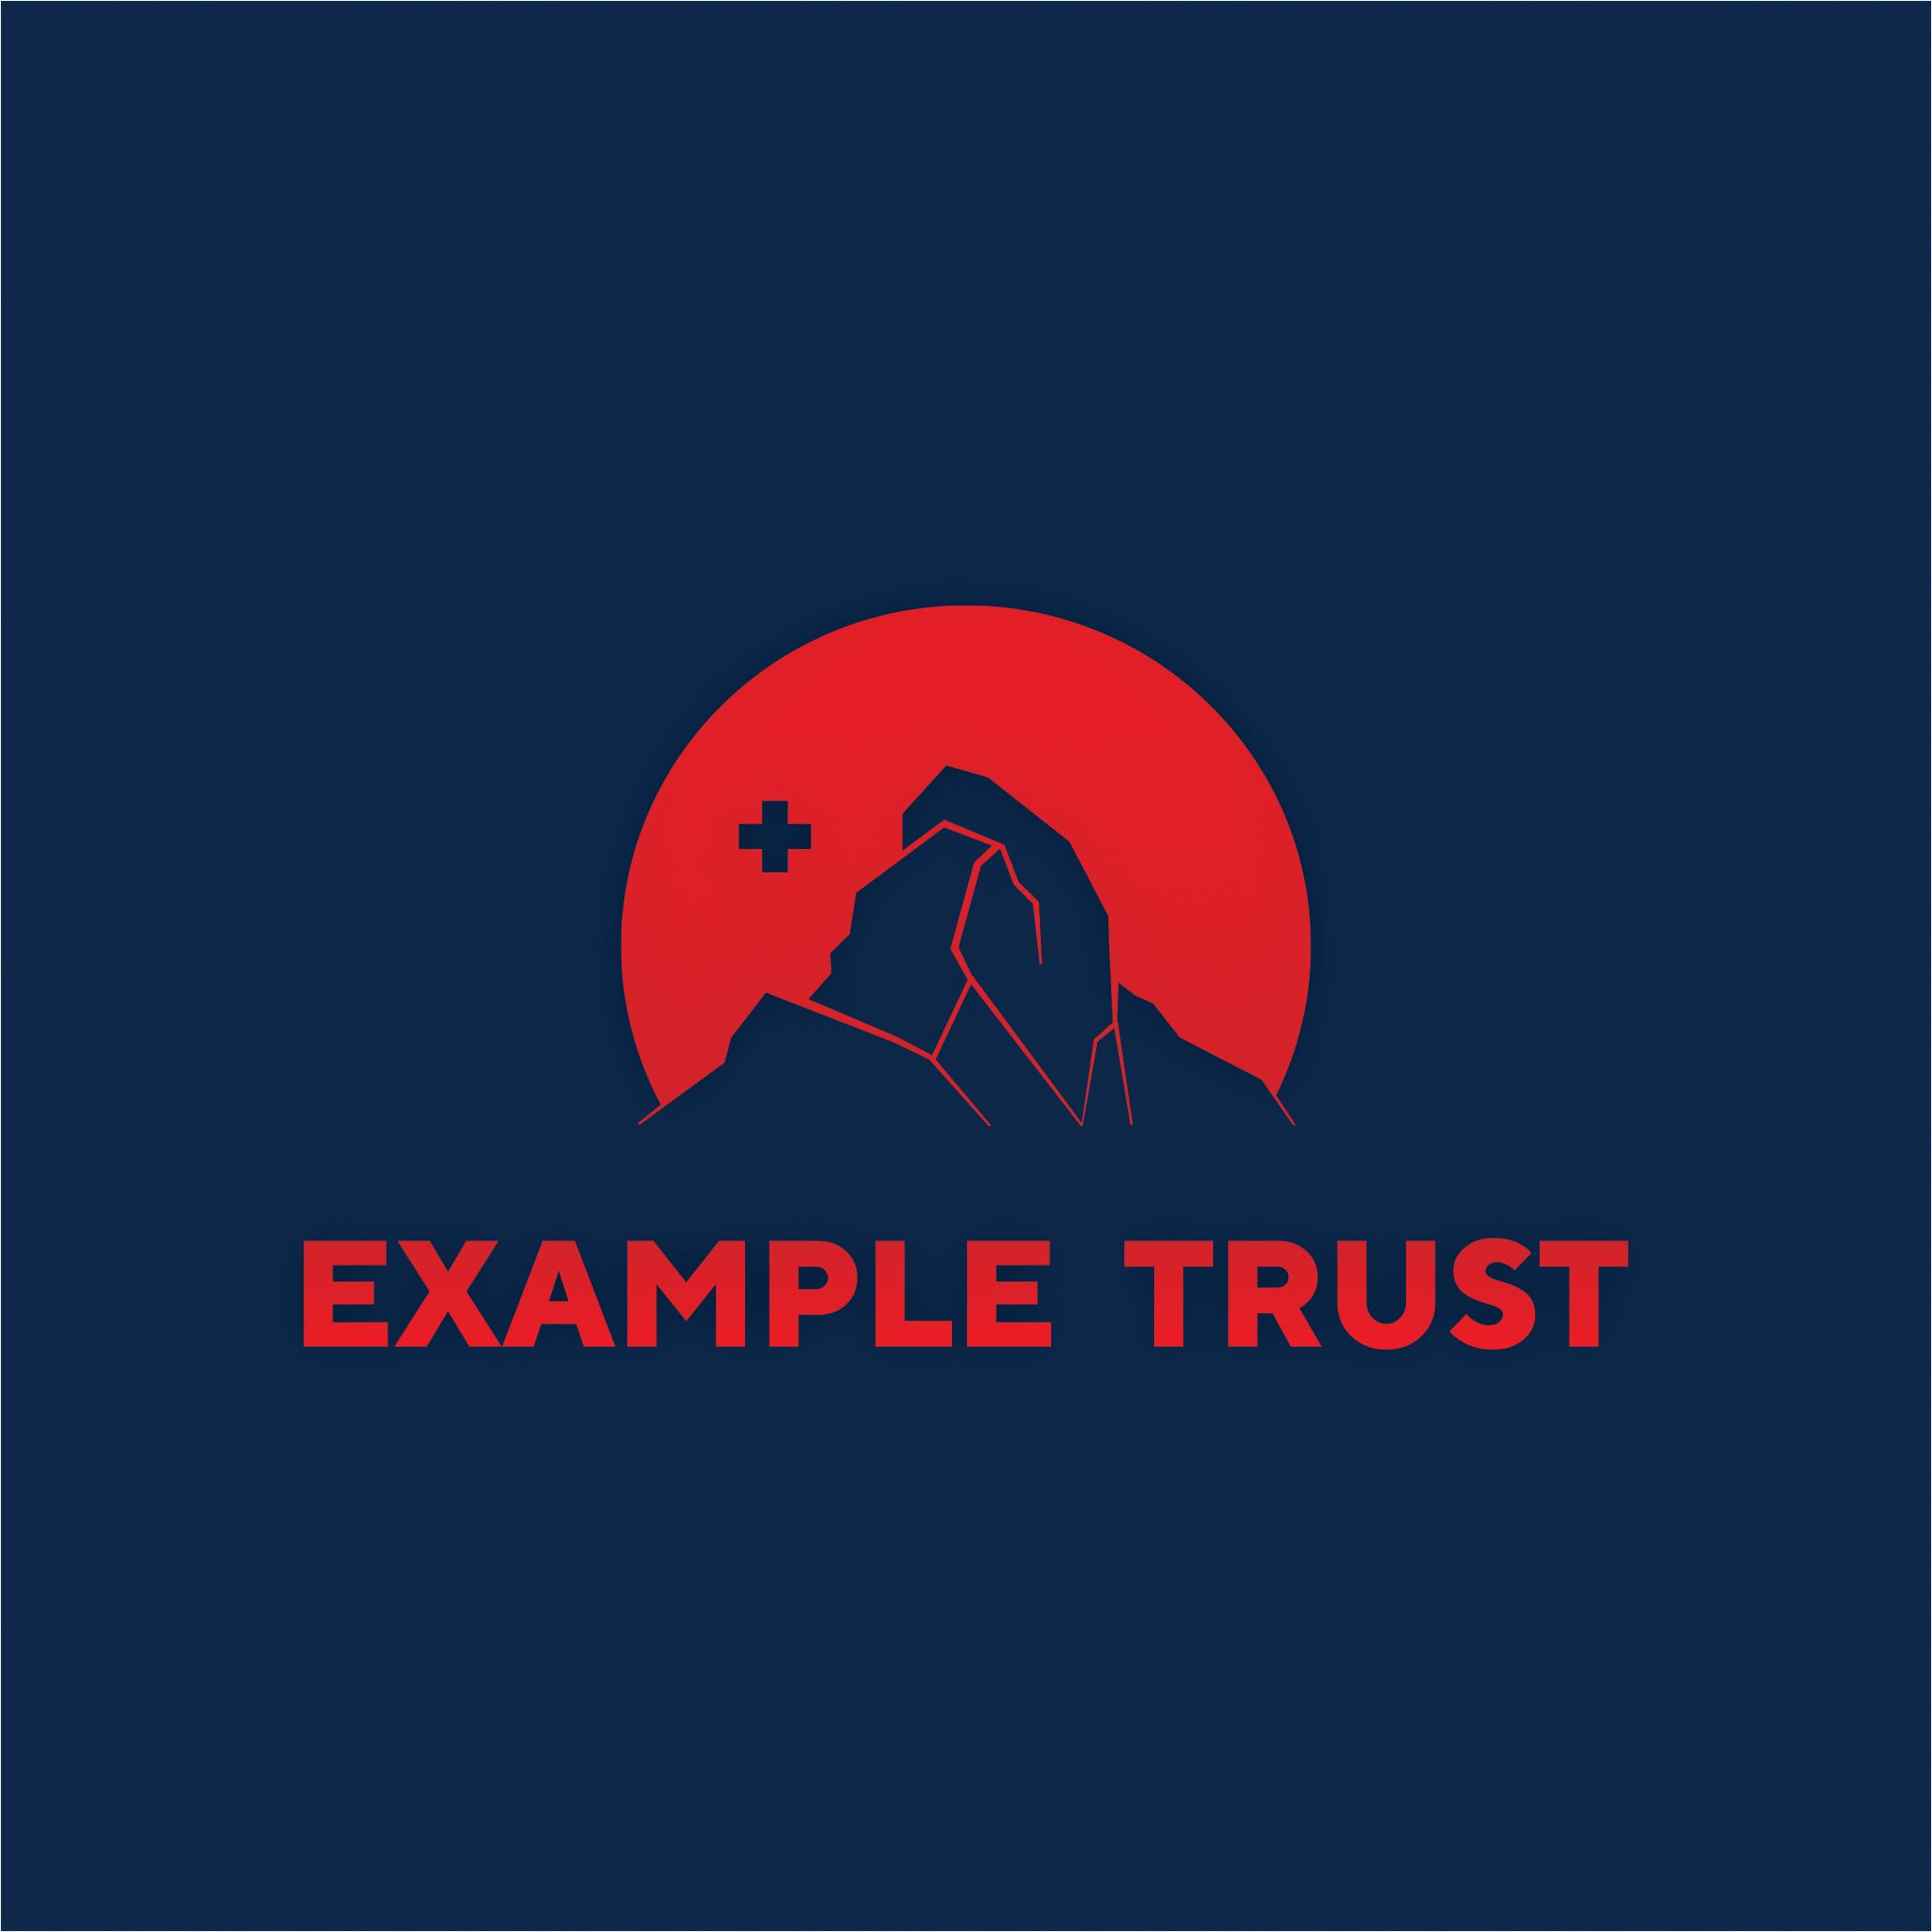 Вариант логотипа для криптовалютного треста